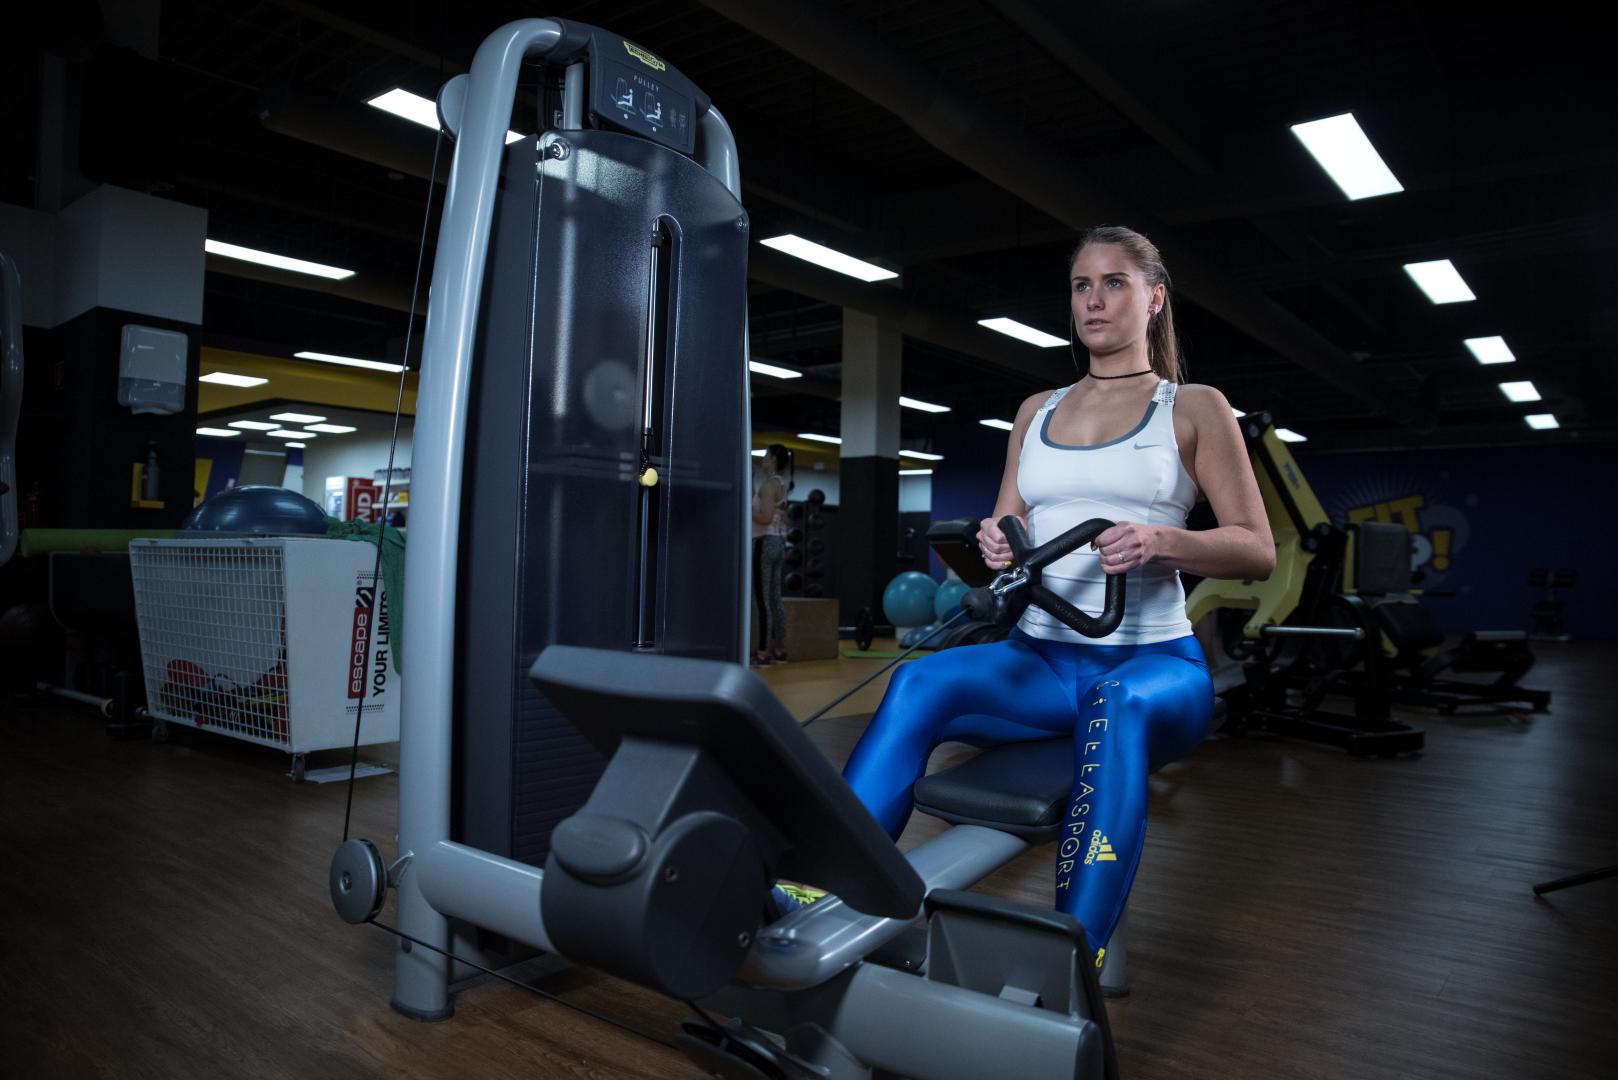 hlavna vrchna fitness trening na strojoch